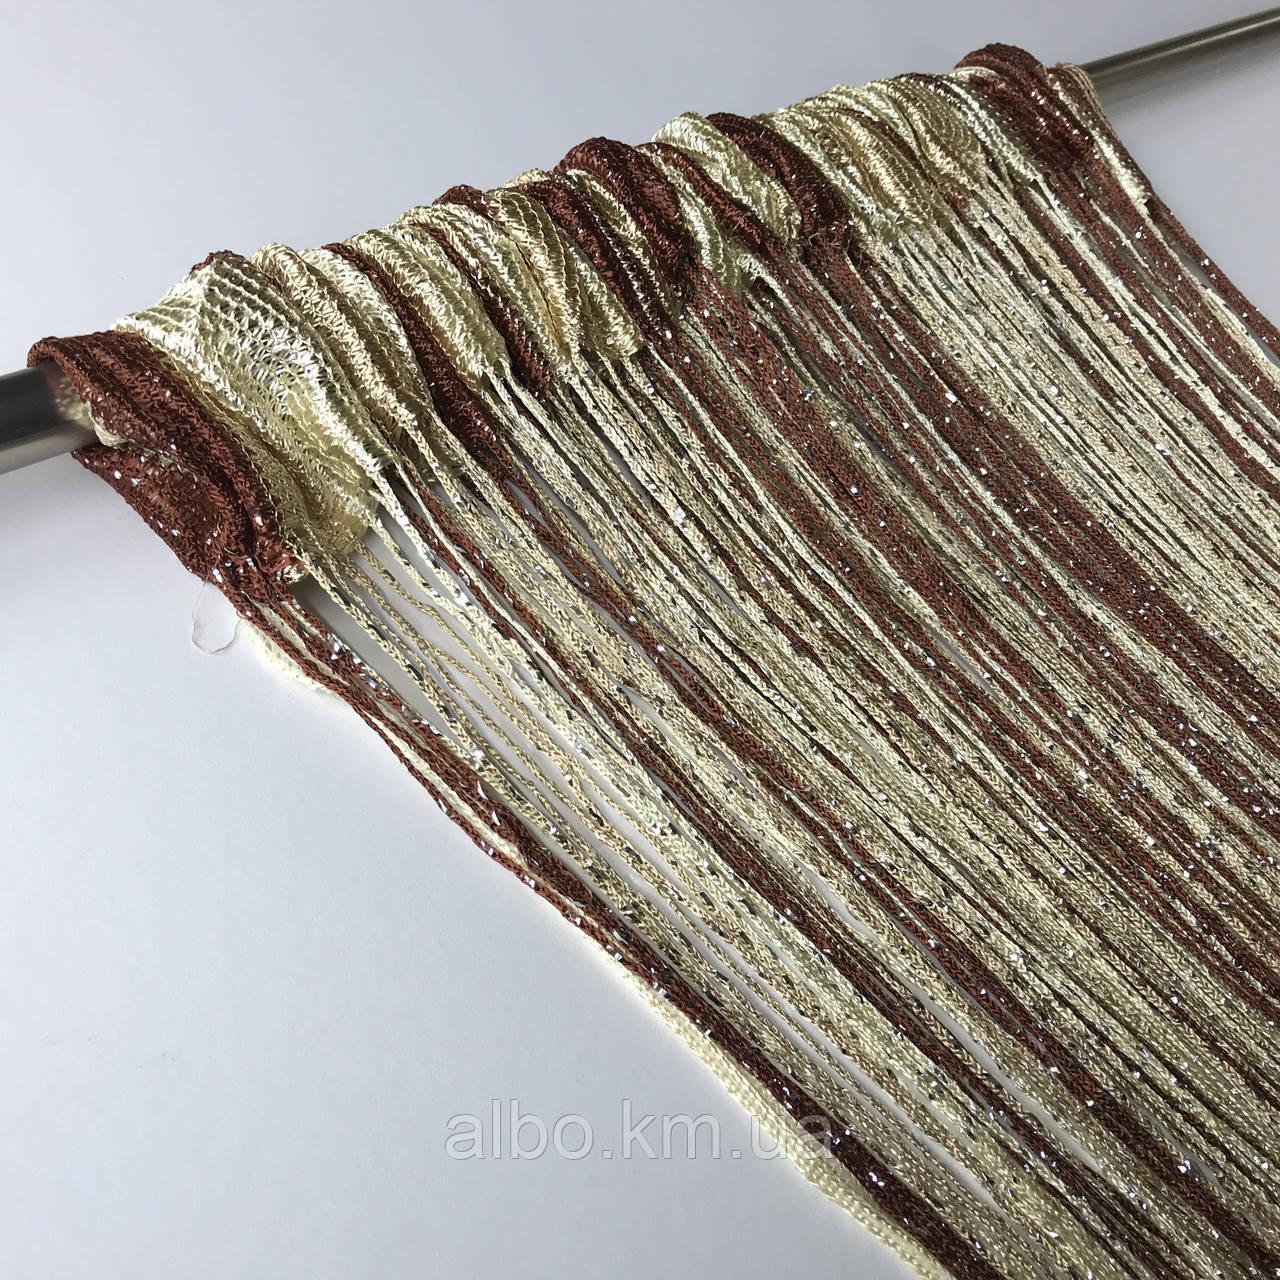 Нити шторы Кисея с люрексом 300x280 cm Коричнево - орехово - золотые  (Ki-308)